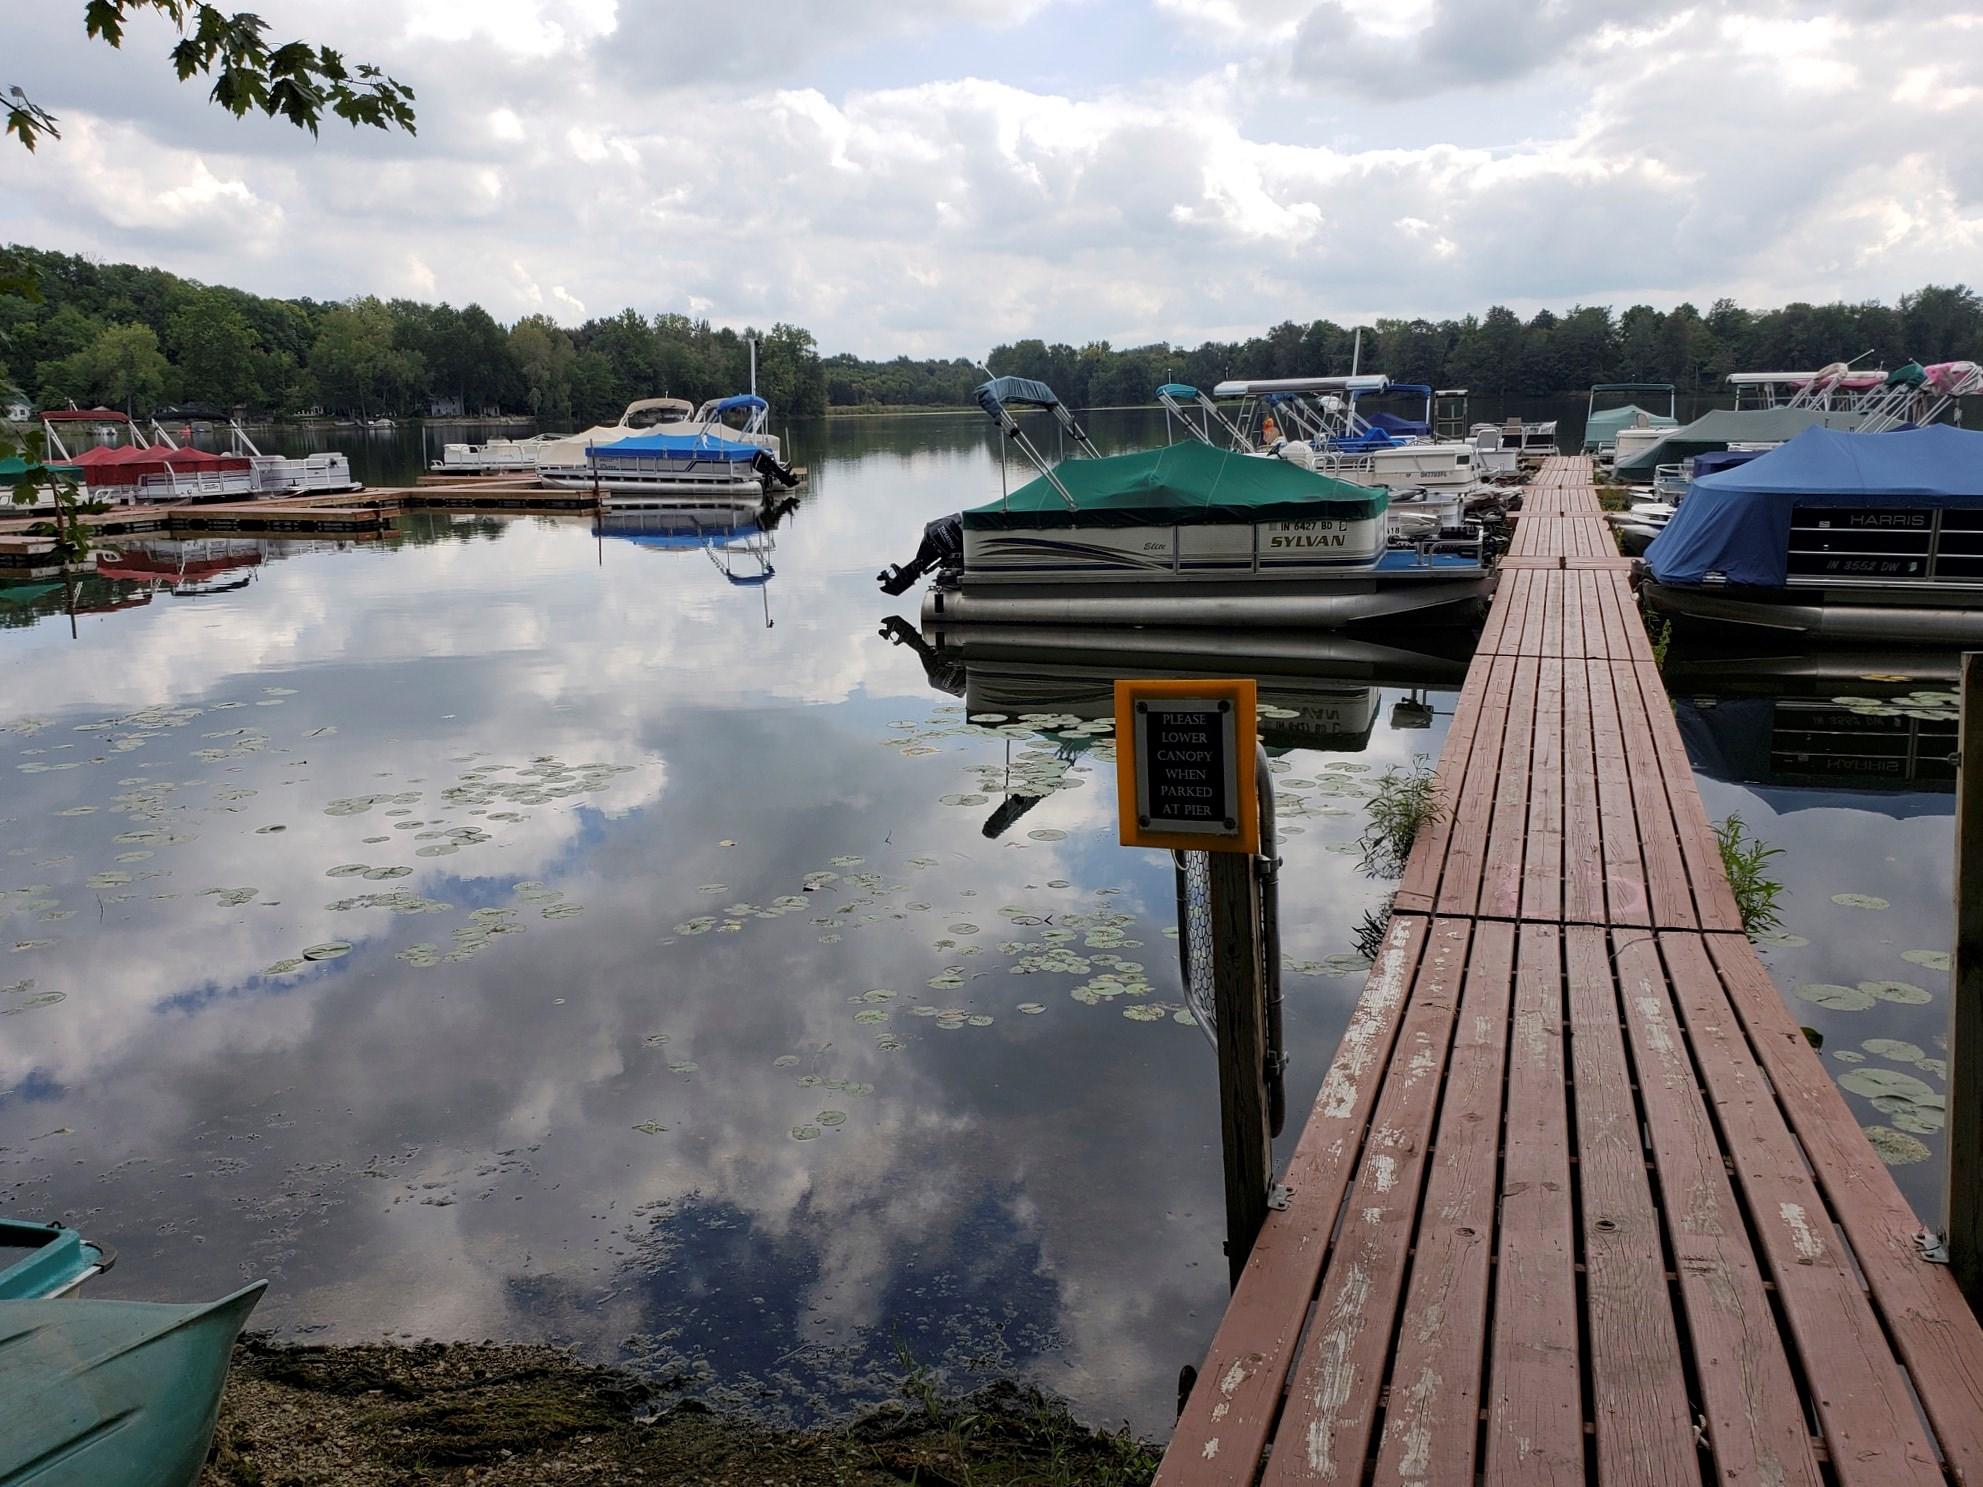 Angola / Hogback Lake KOA Holiday